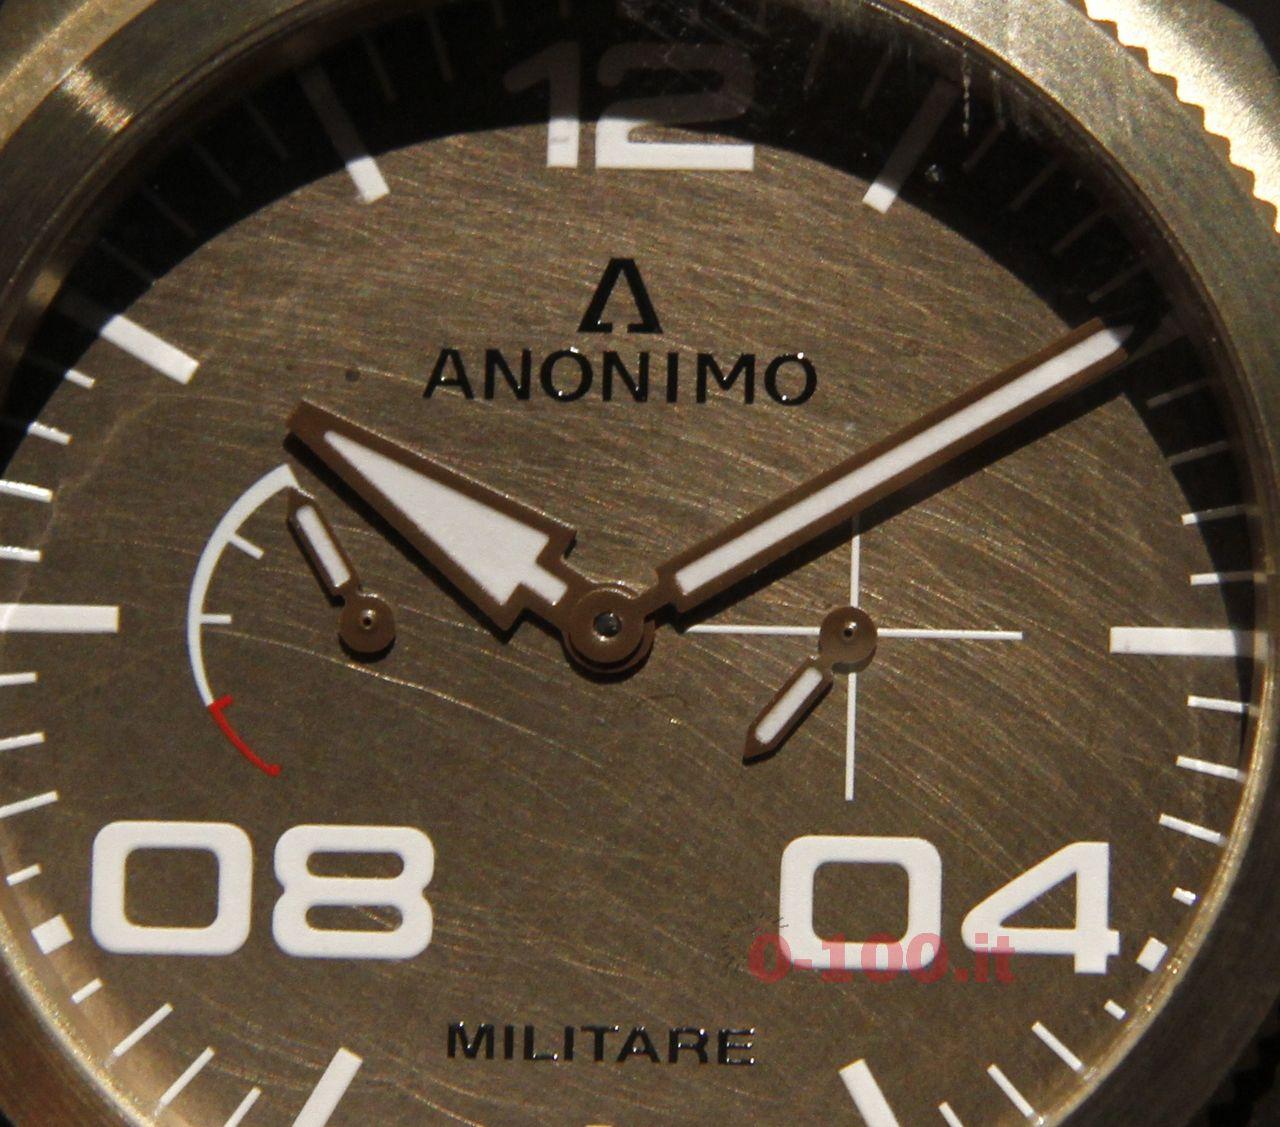 Baselworld2014_anonimo-militare-alpini_0-1002